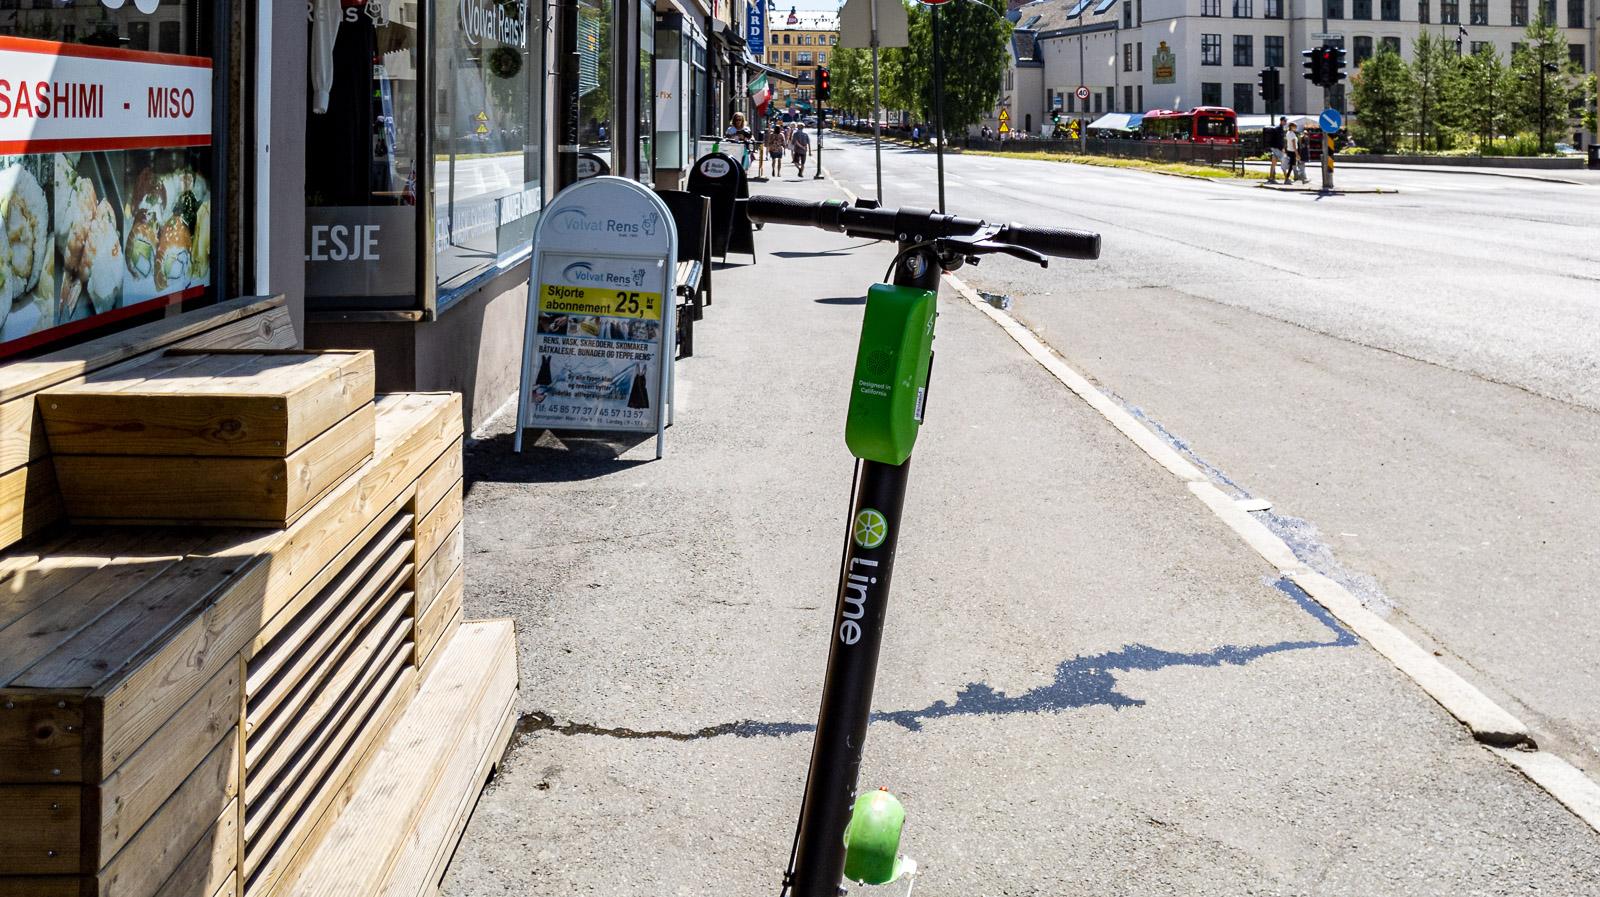 Lime e-scooter blocks sidewalk in Oslo